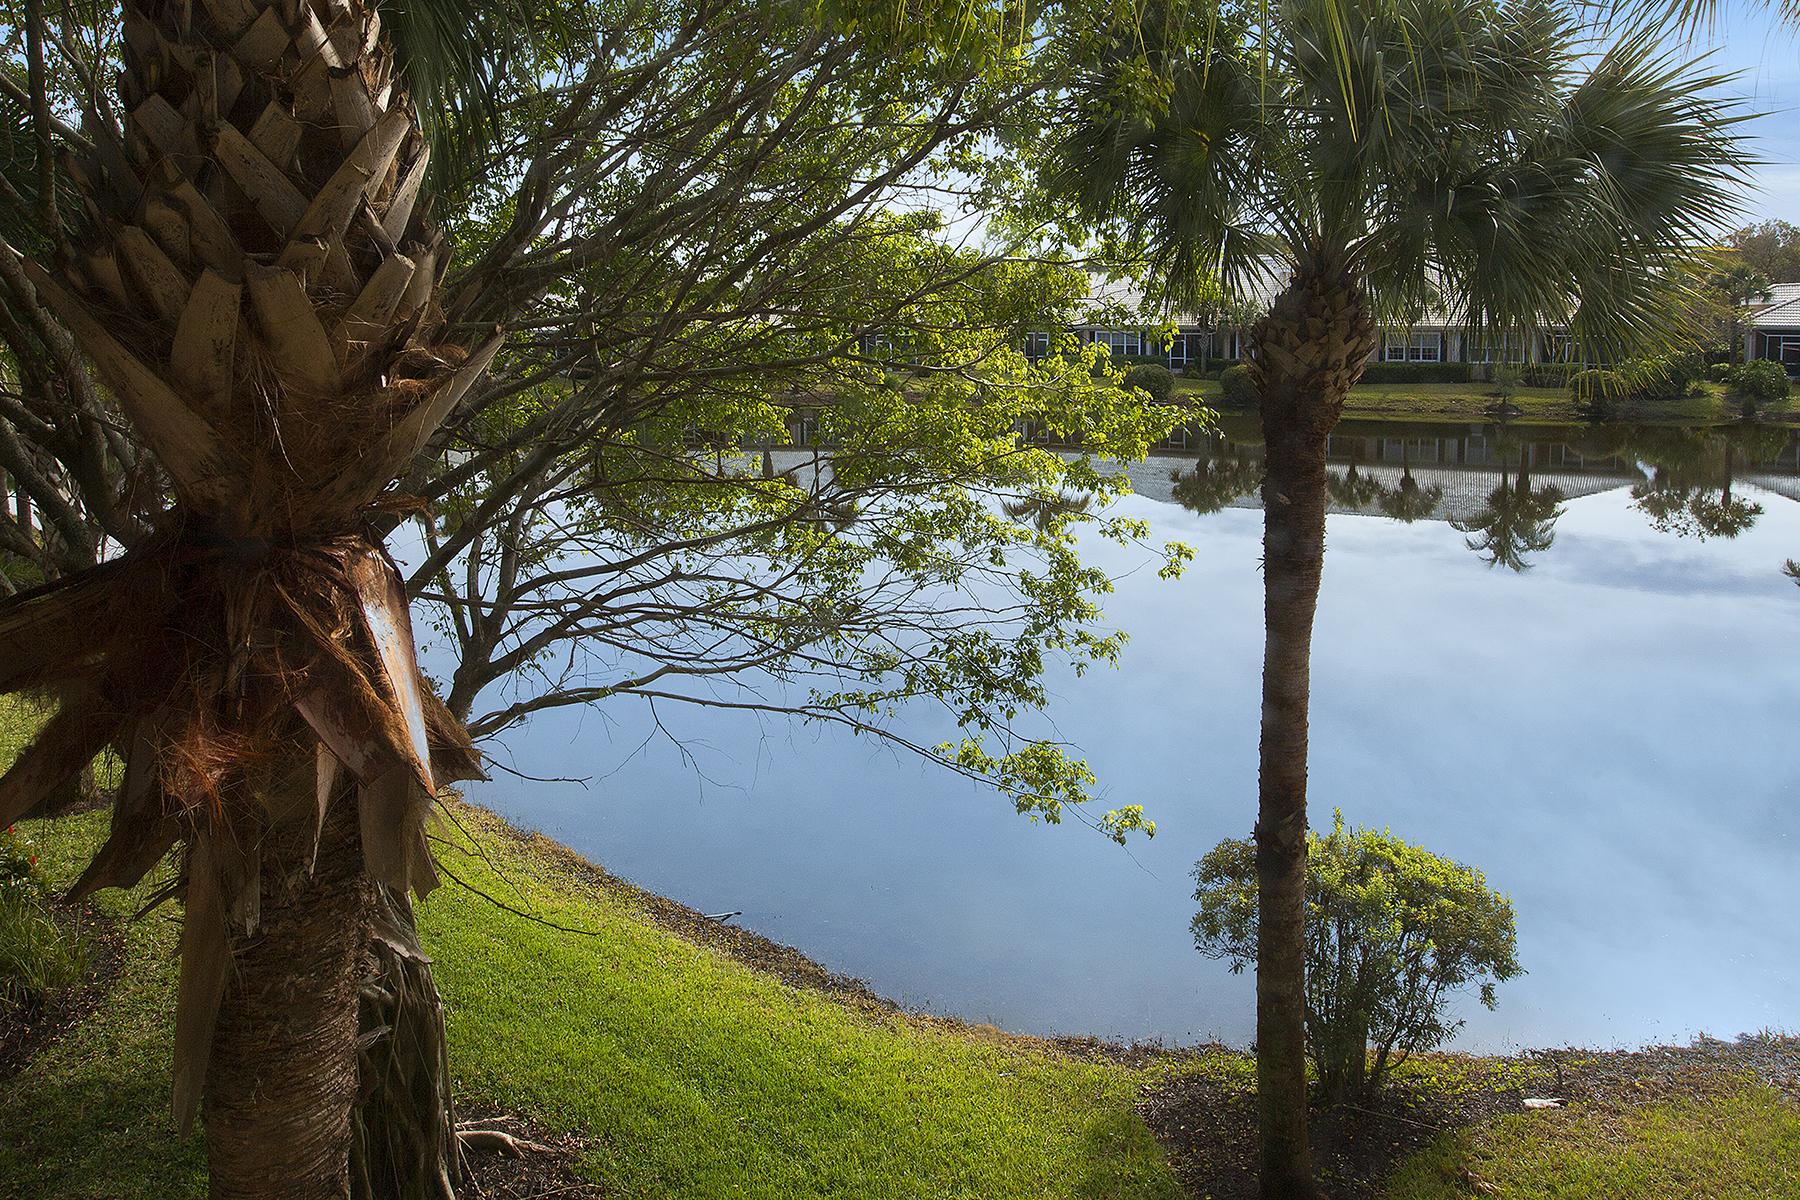 Кондоминиум для того Продажа на FIDDLER'S CREEK - HAWK'S NEST 4660 Hawks Nest Way 201 Naples, Флорида, 34114 Соединенные Штаты